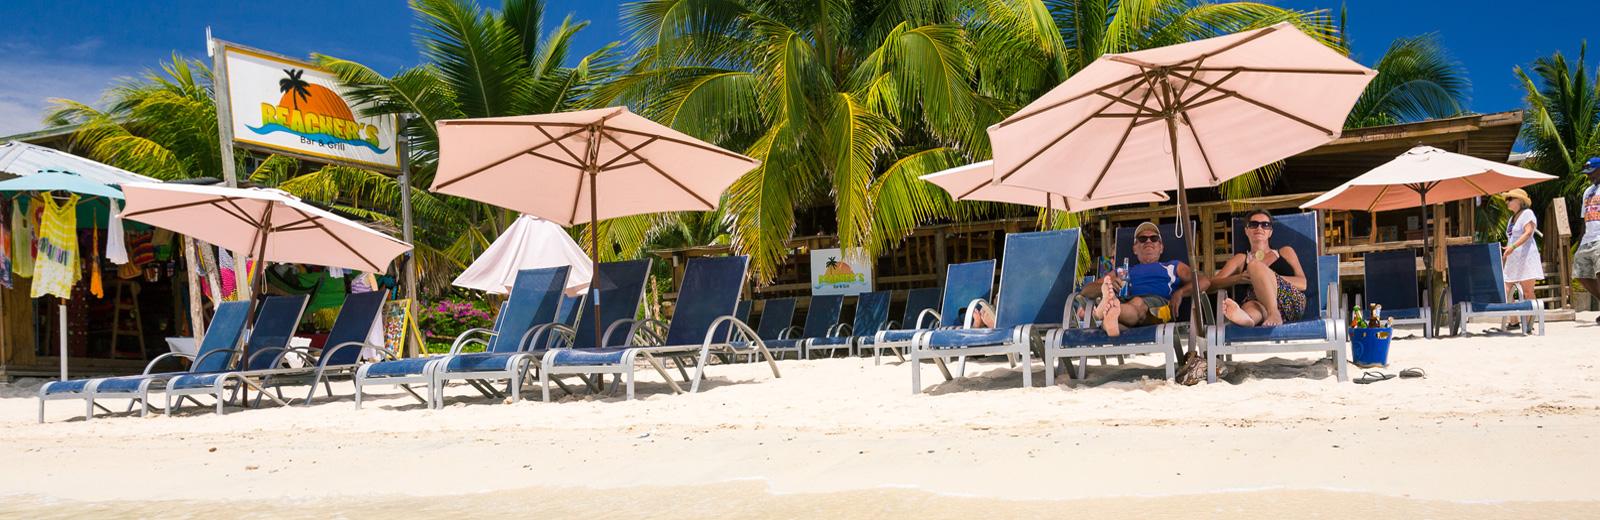 http://www.beachersroatan.com/wp-content/uploads/2015/09/slider3.jpg